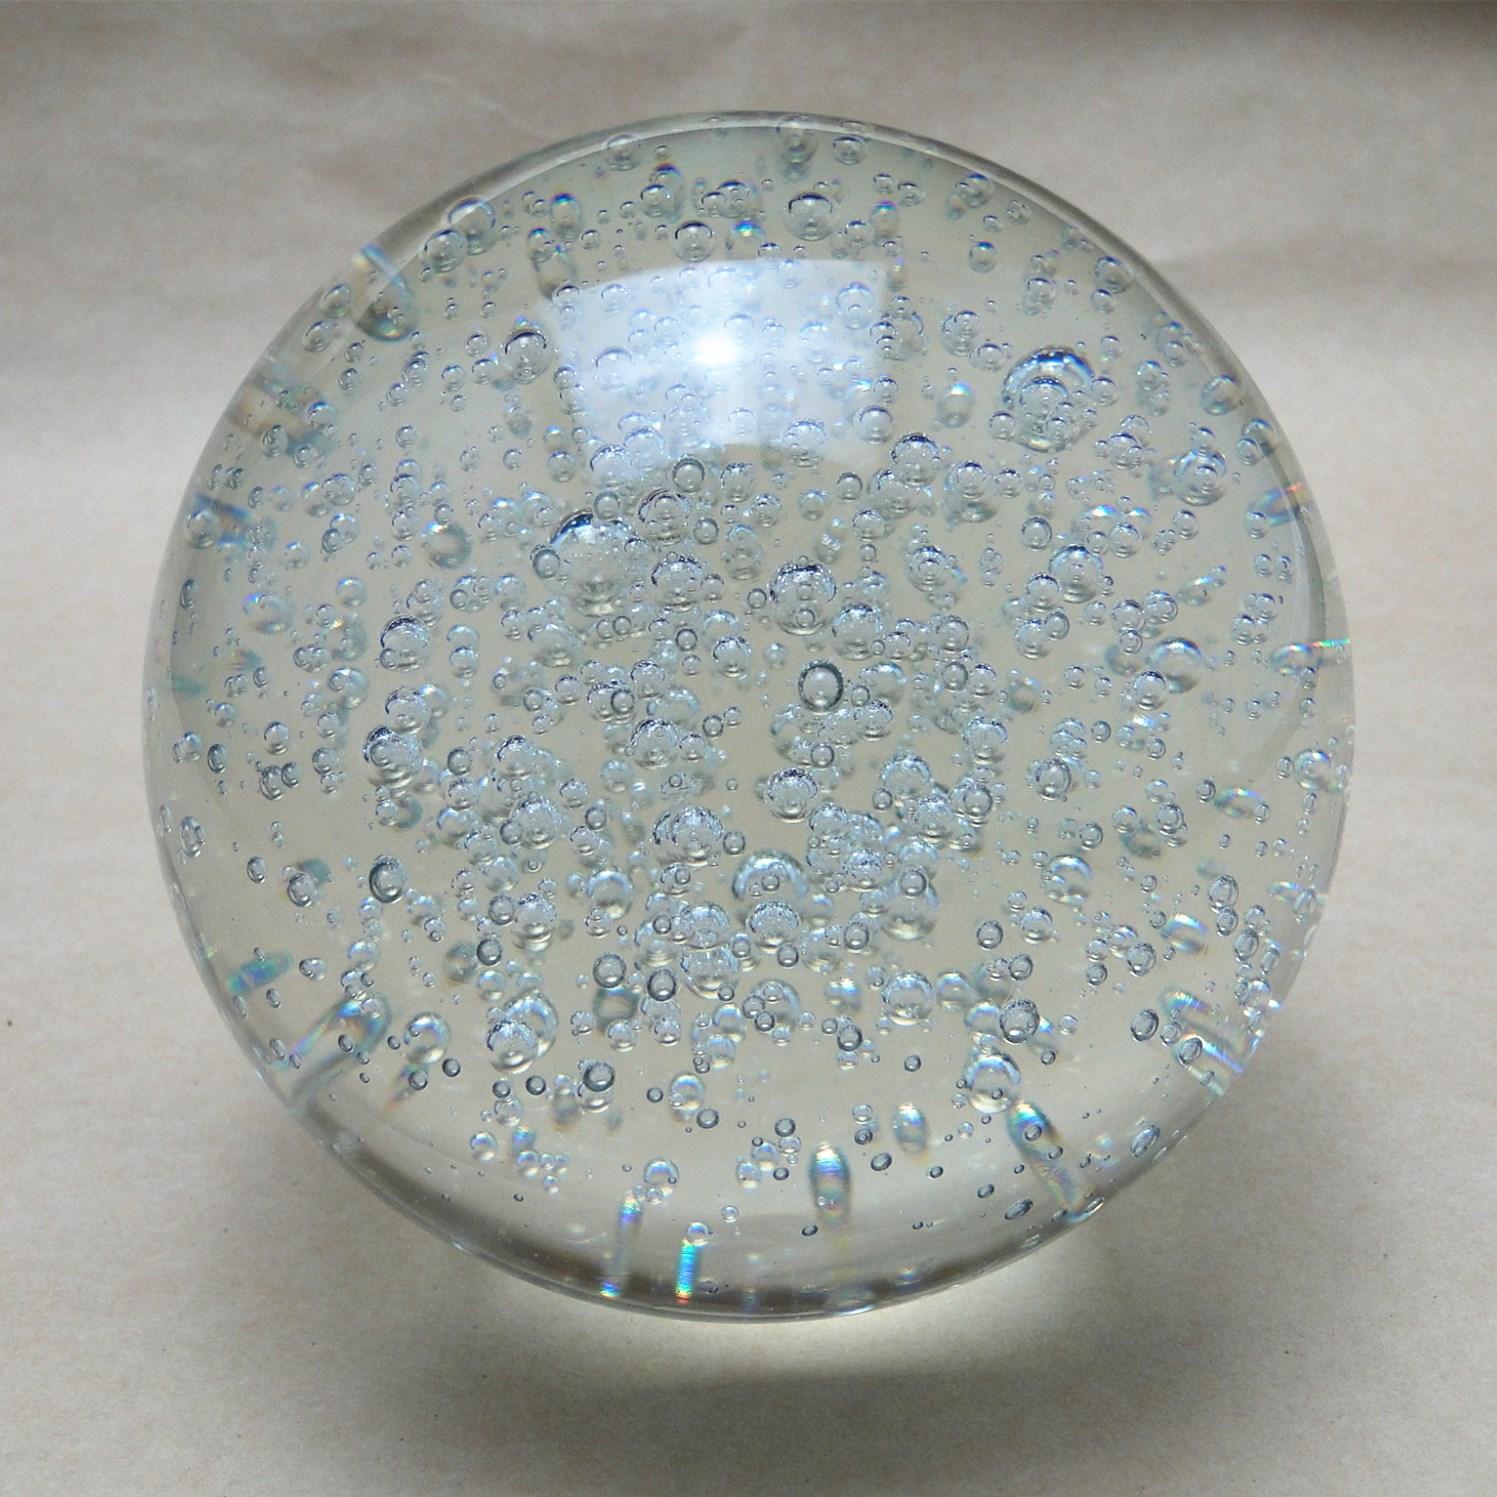 水晶球气泡玻璃球气泡球家装风水球透明色气泡均匀水晶工艺品摆件